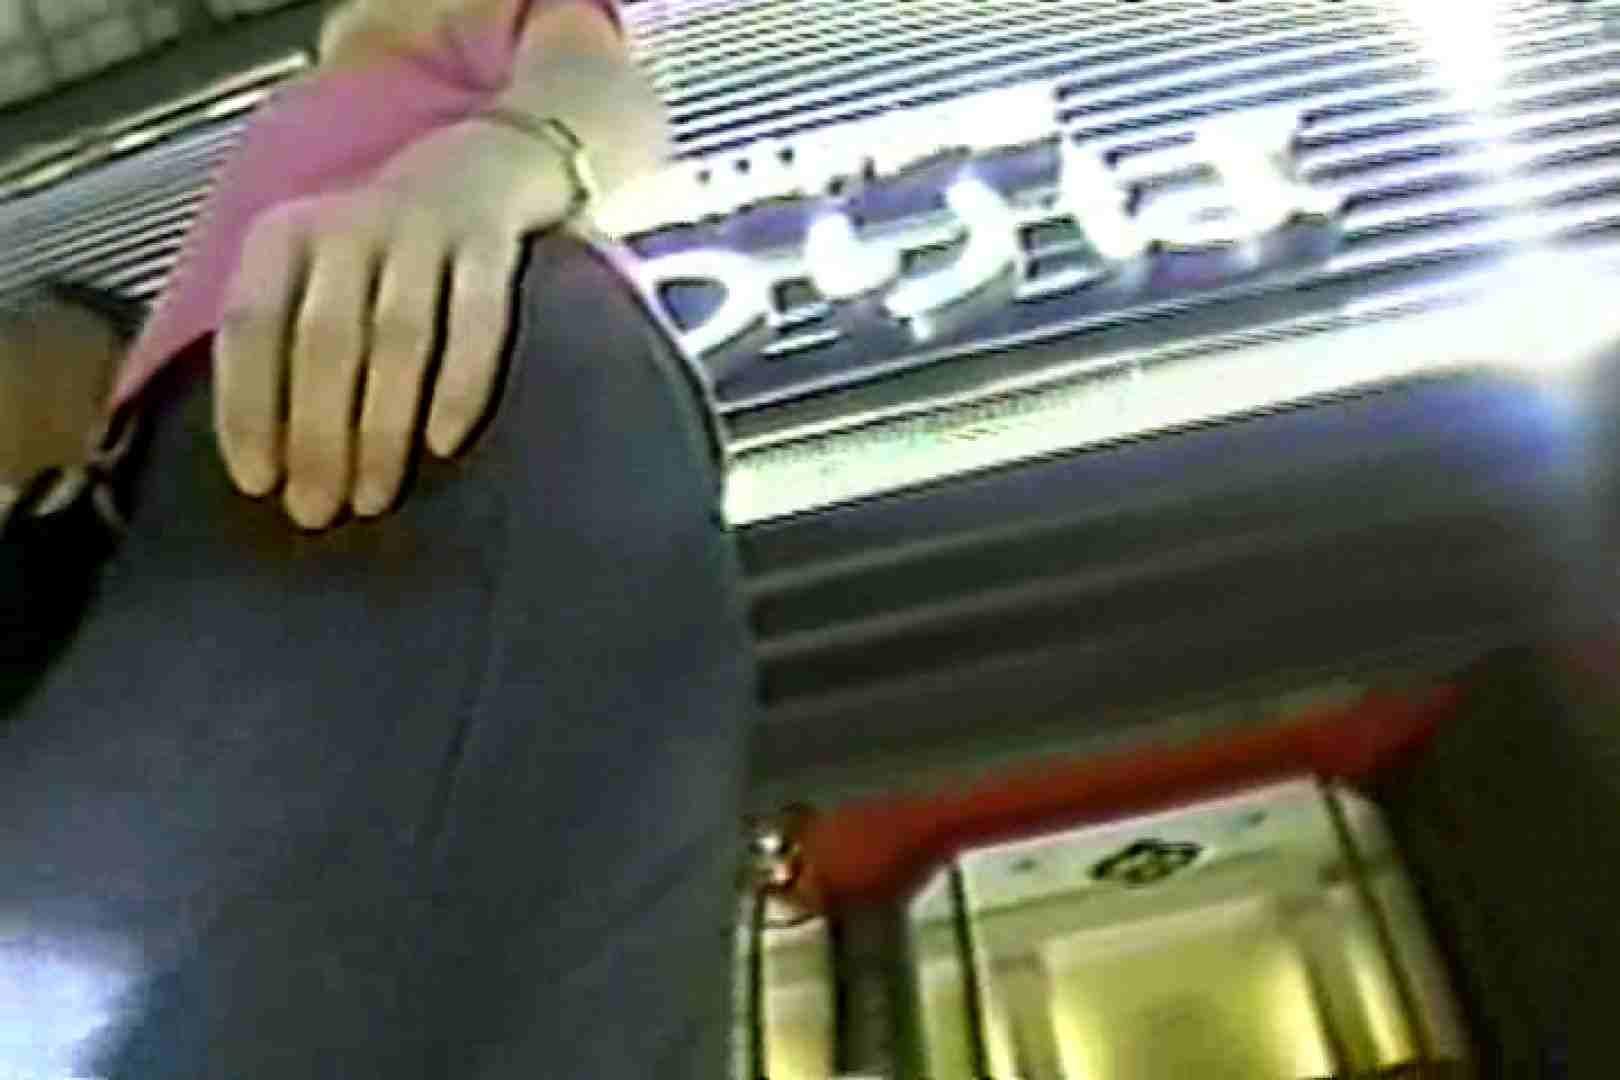 関西発!タツヤのDV直撮り大追跡!!! Vol.10 追跡  92画像 74